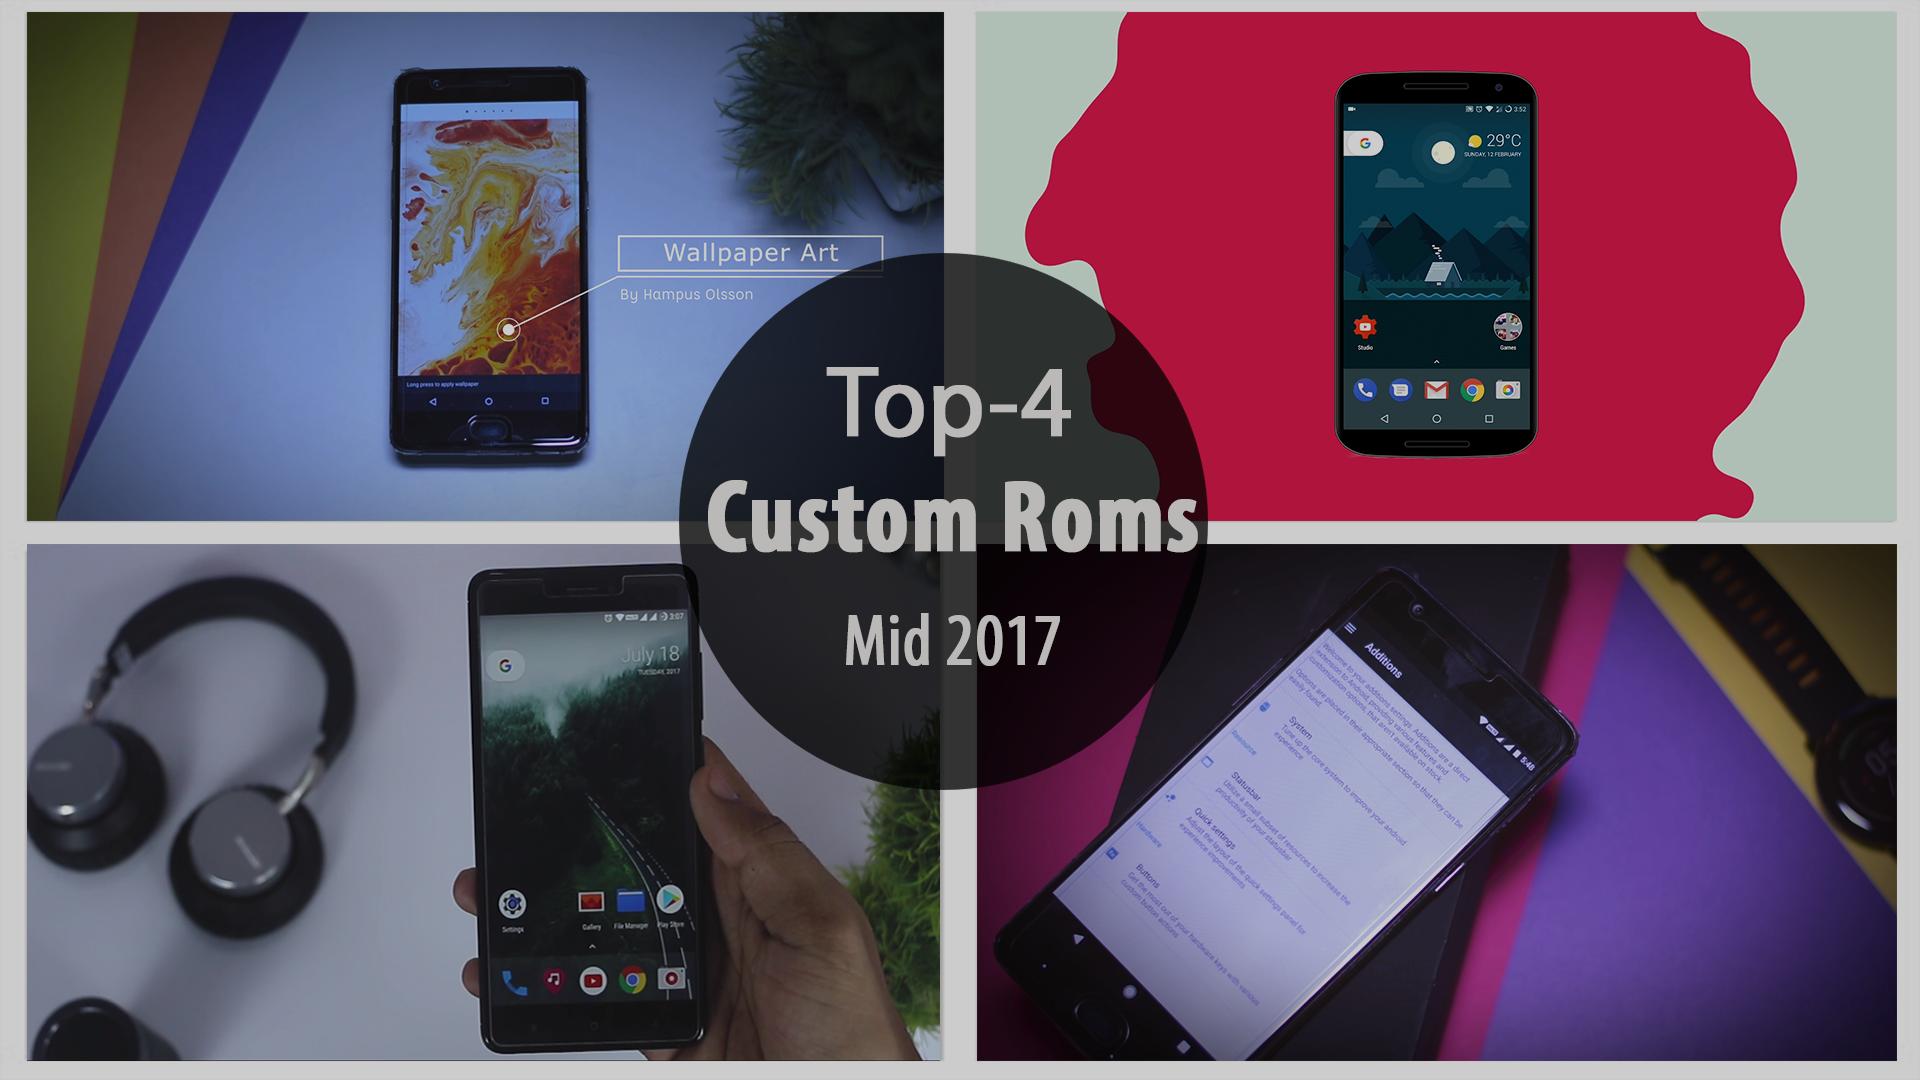 Best Custom Roms 2017